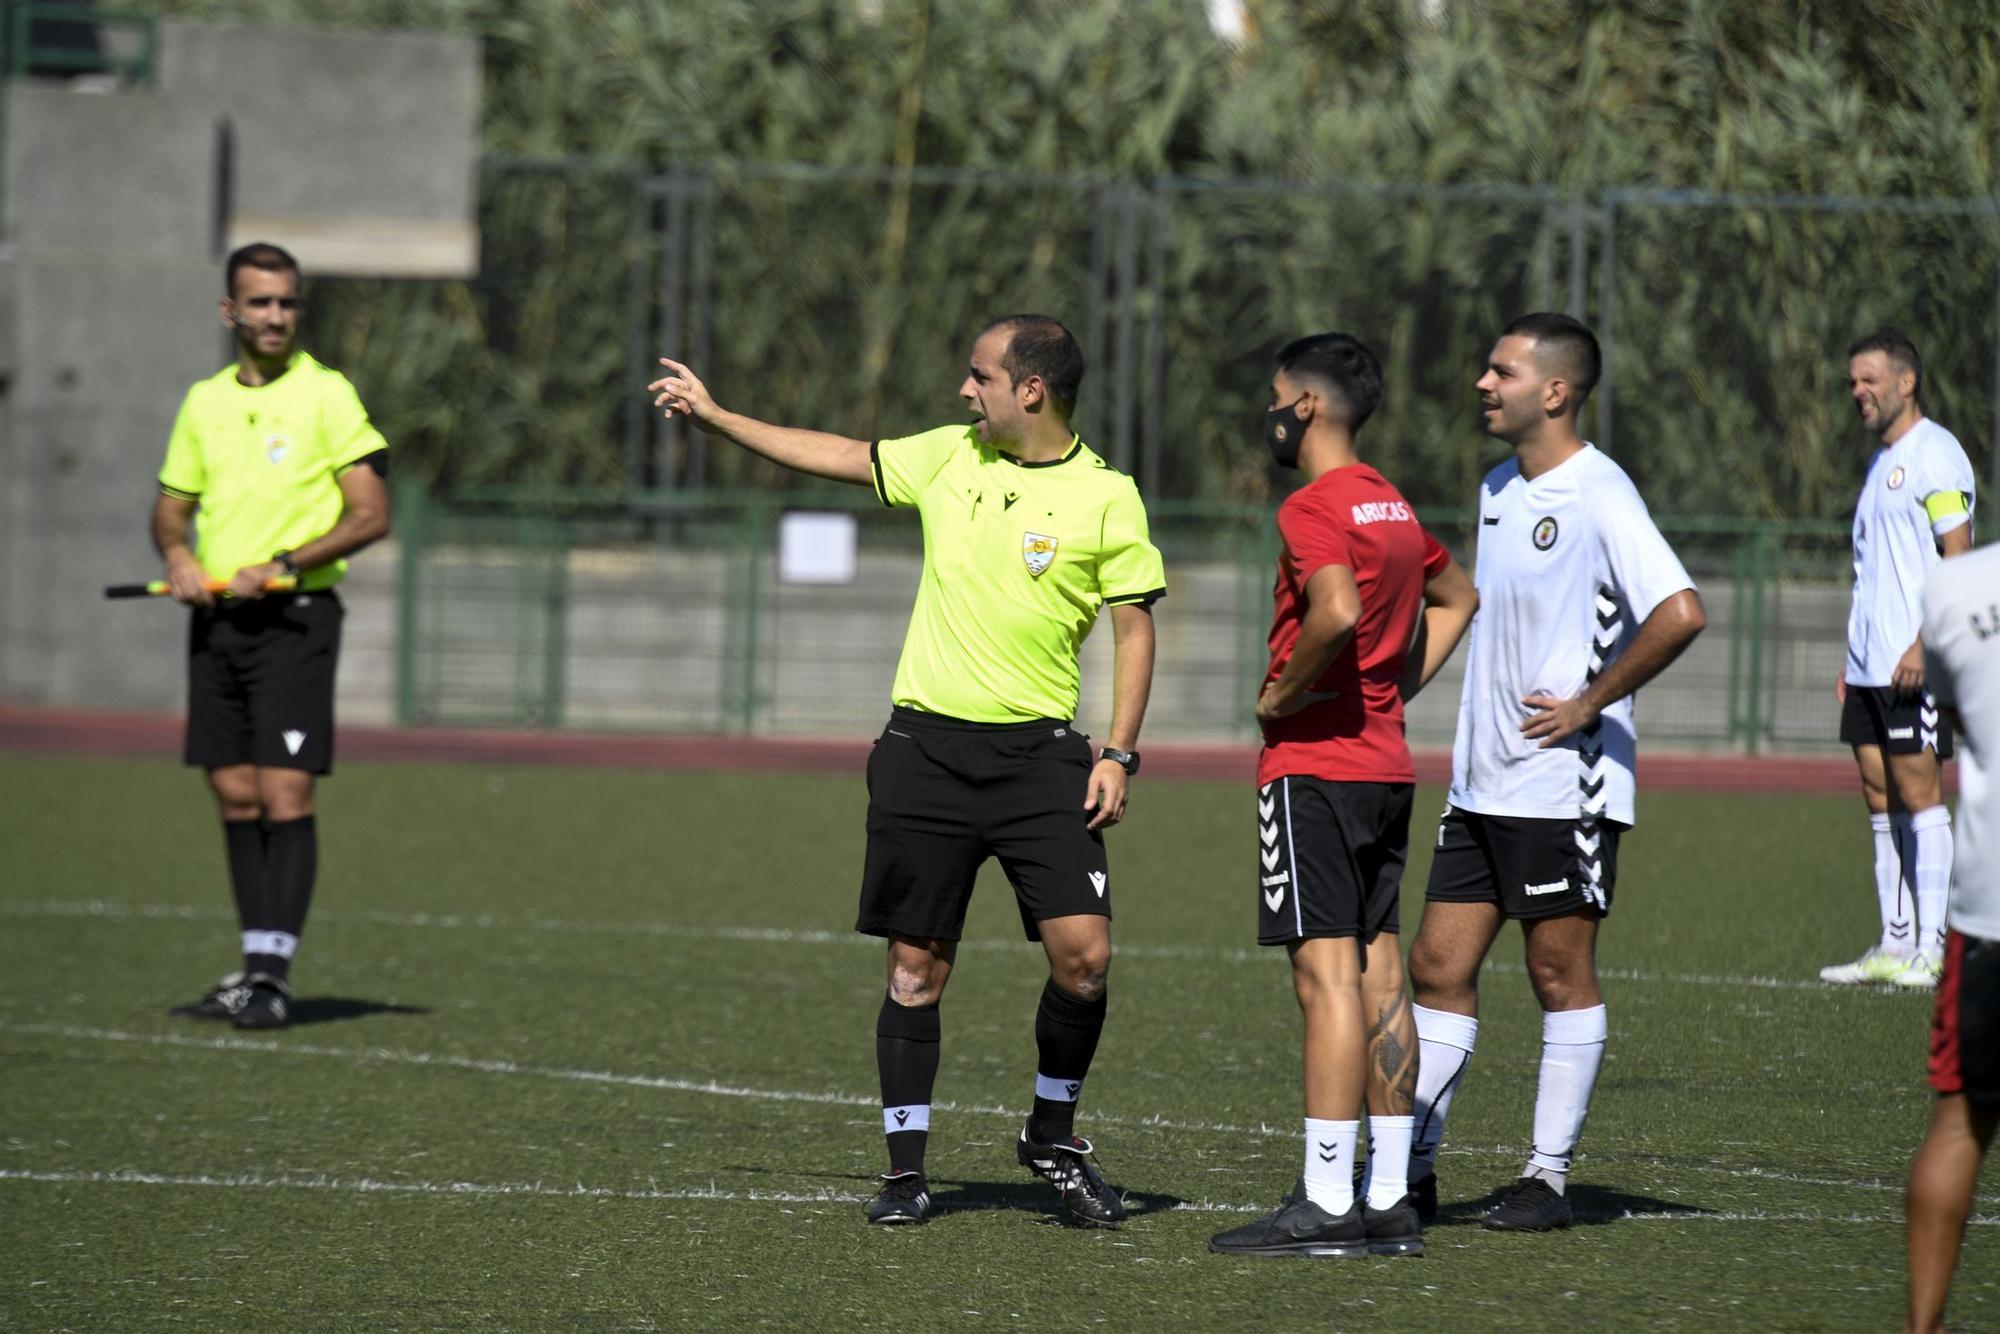 Partido entre el Arucas y el Unión Viera, de Tercera División